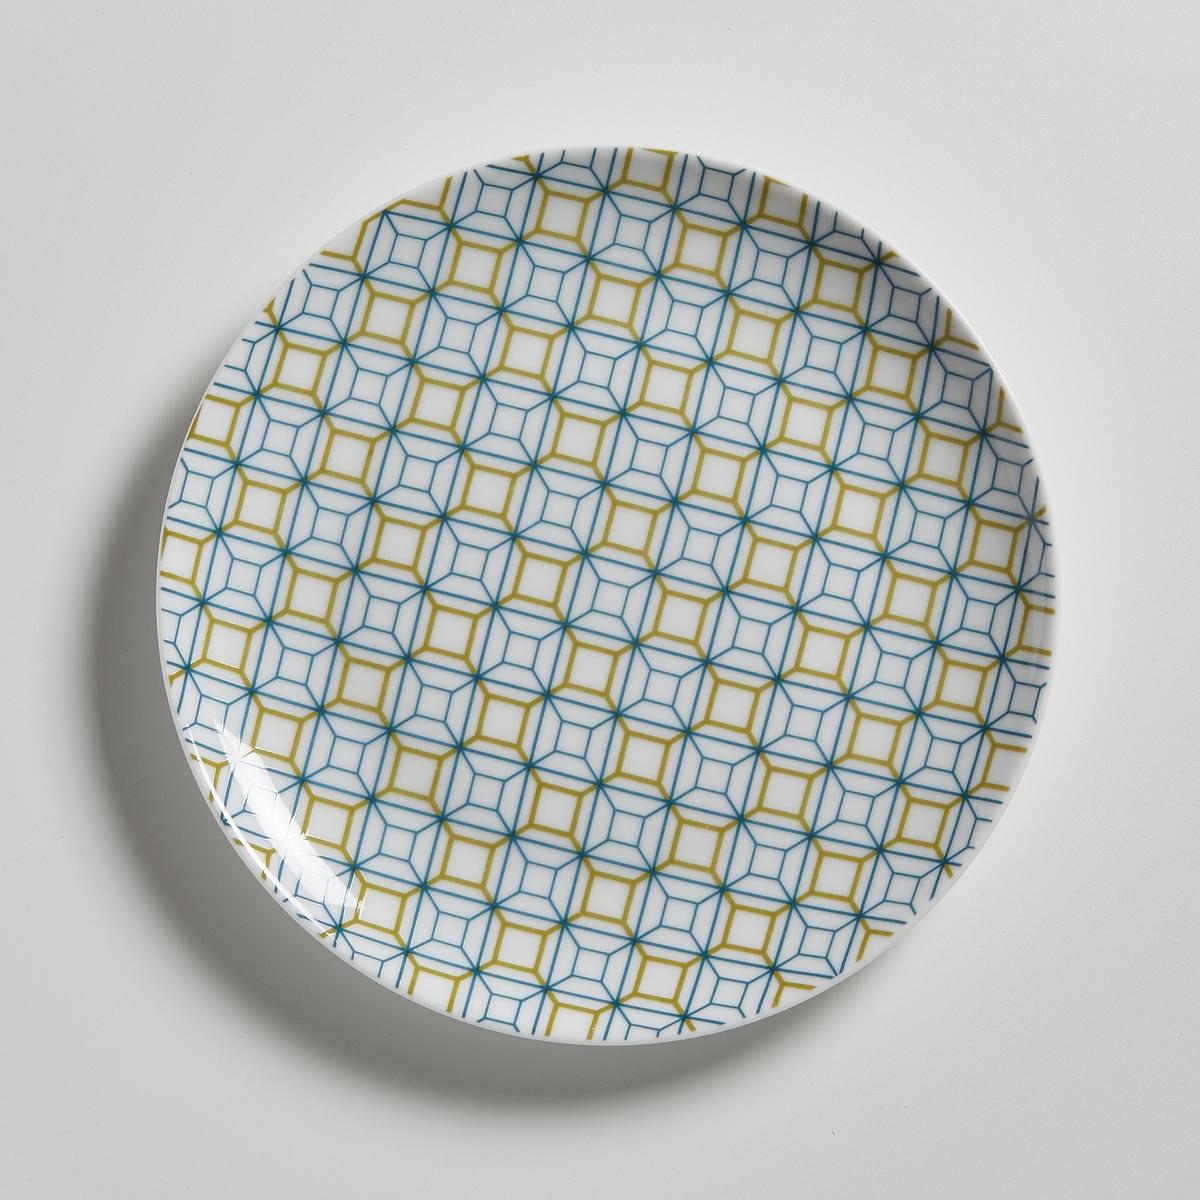 Комплект из 4 десертных тарелок из фарфораХарактеристики 4 десертных тарелок    :- Десертные тарелки из фарфора- Диаметр : 20,3 см   . - Можно использовать в посудомоечных машинах и микроволновых печах- Продаются в комплекте из 4 штук в подарочной коробке<br><br>Цвет: набивной рисунок<br>Размер: единый размер